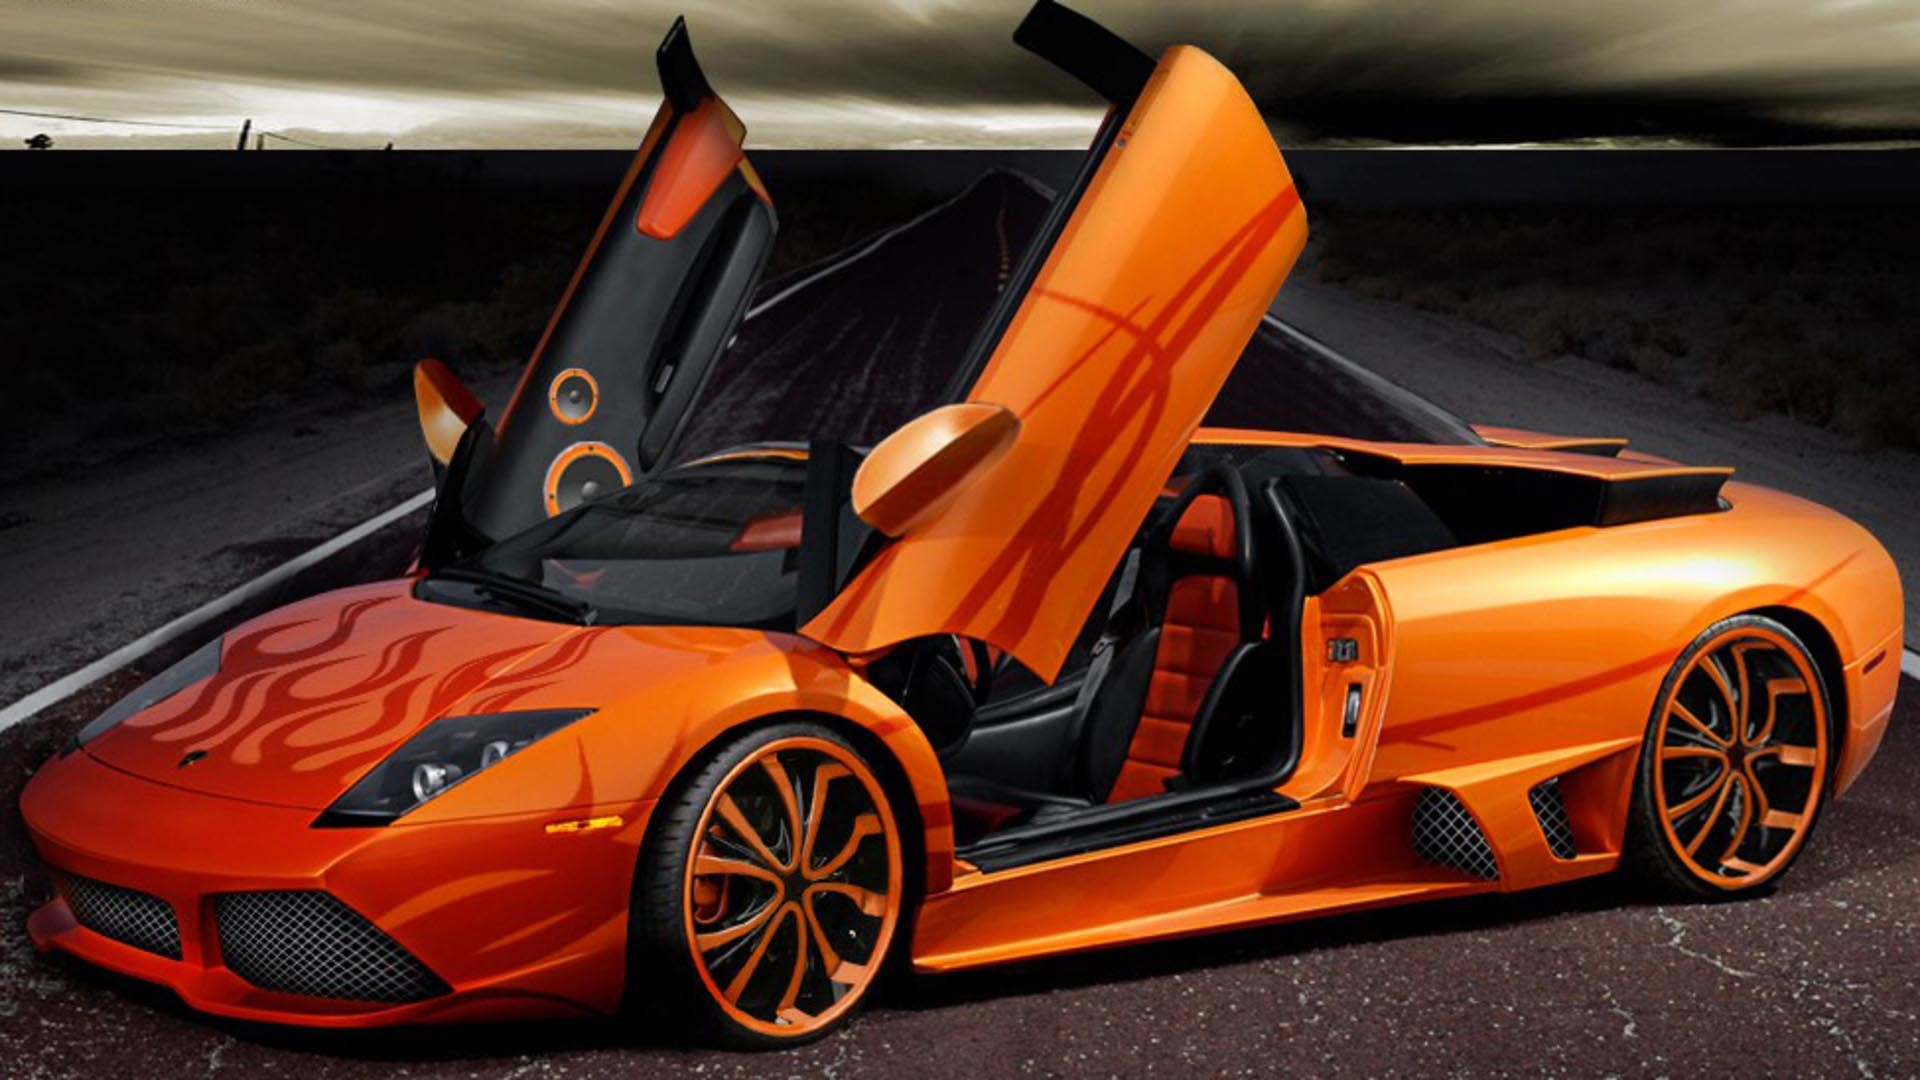 Lamborghini Wallpapers 1080p | Vehicles Wallpapers | Pinterest | Lamborghini,  Wallpaper and Wallpaper backgrounds